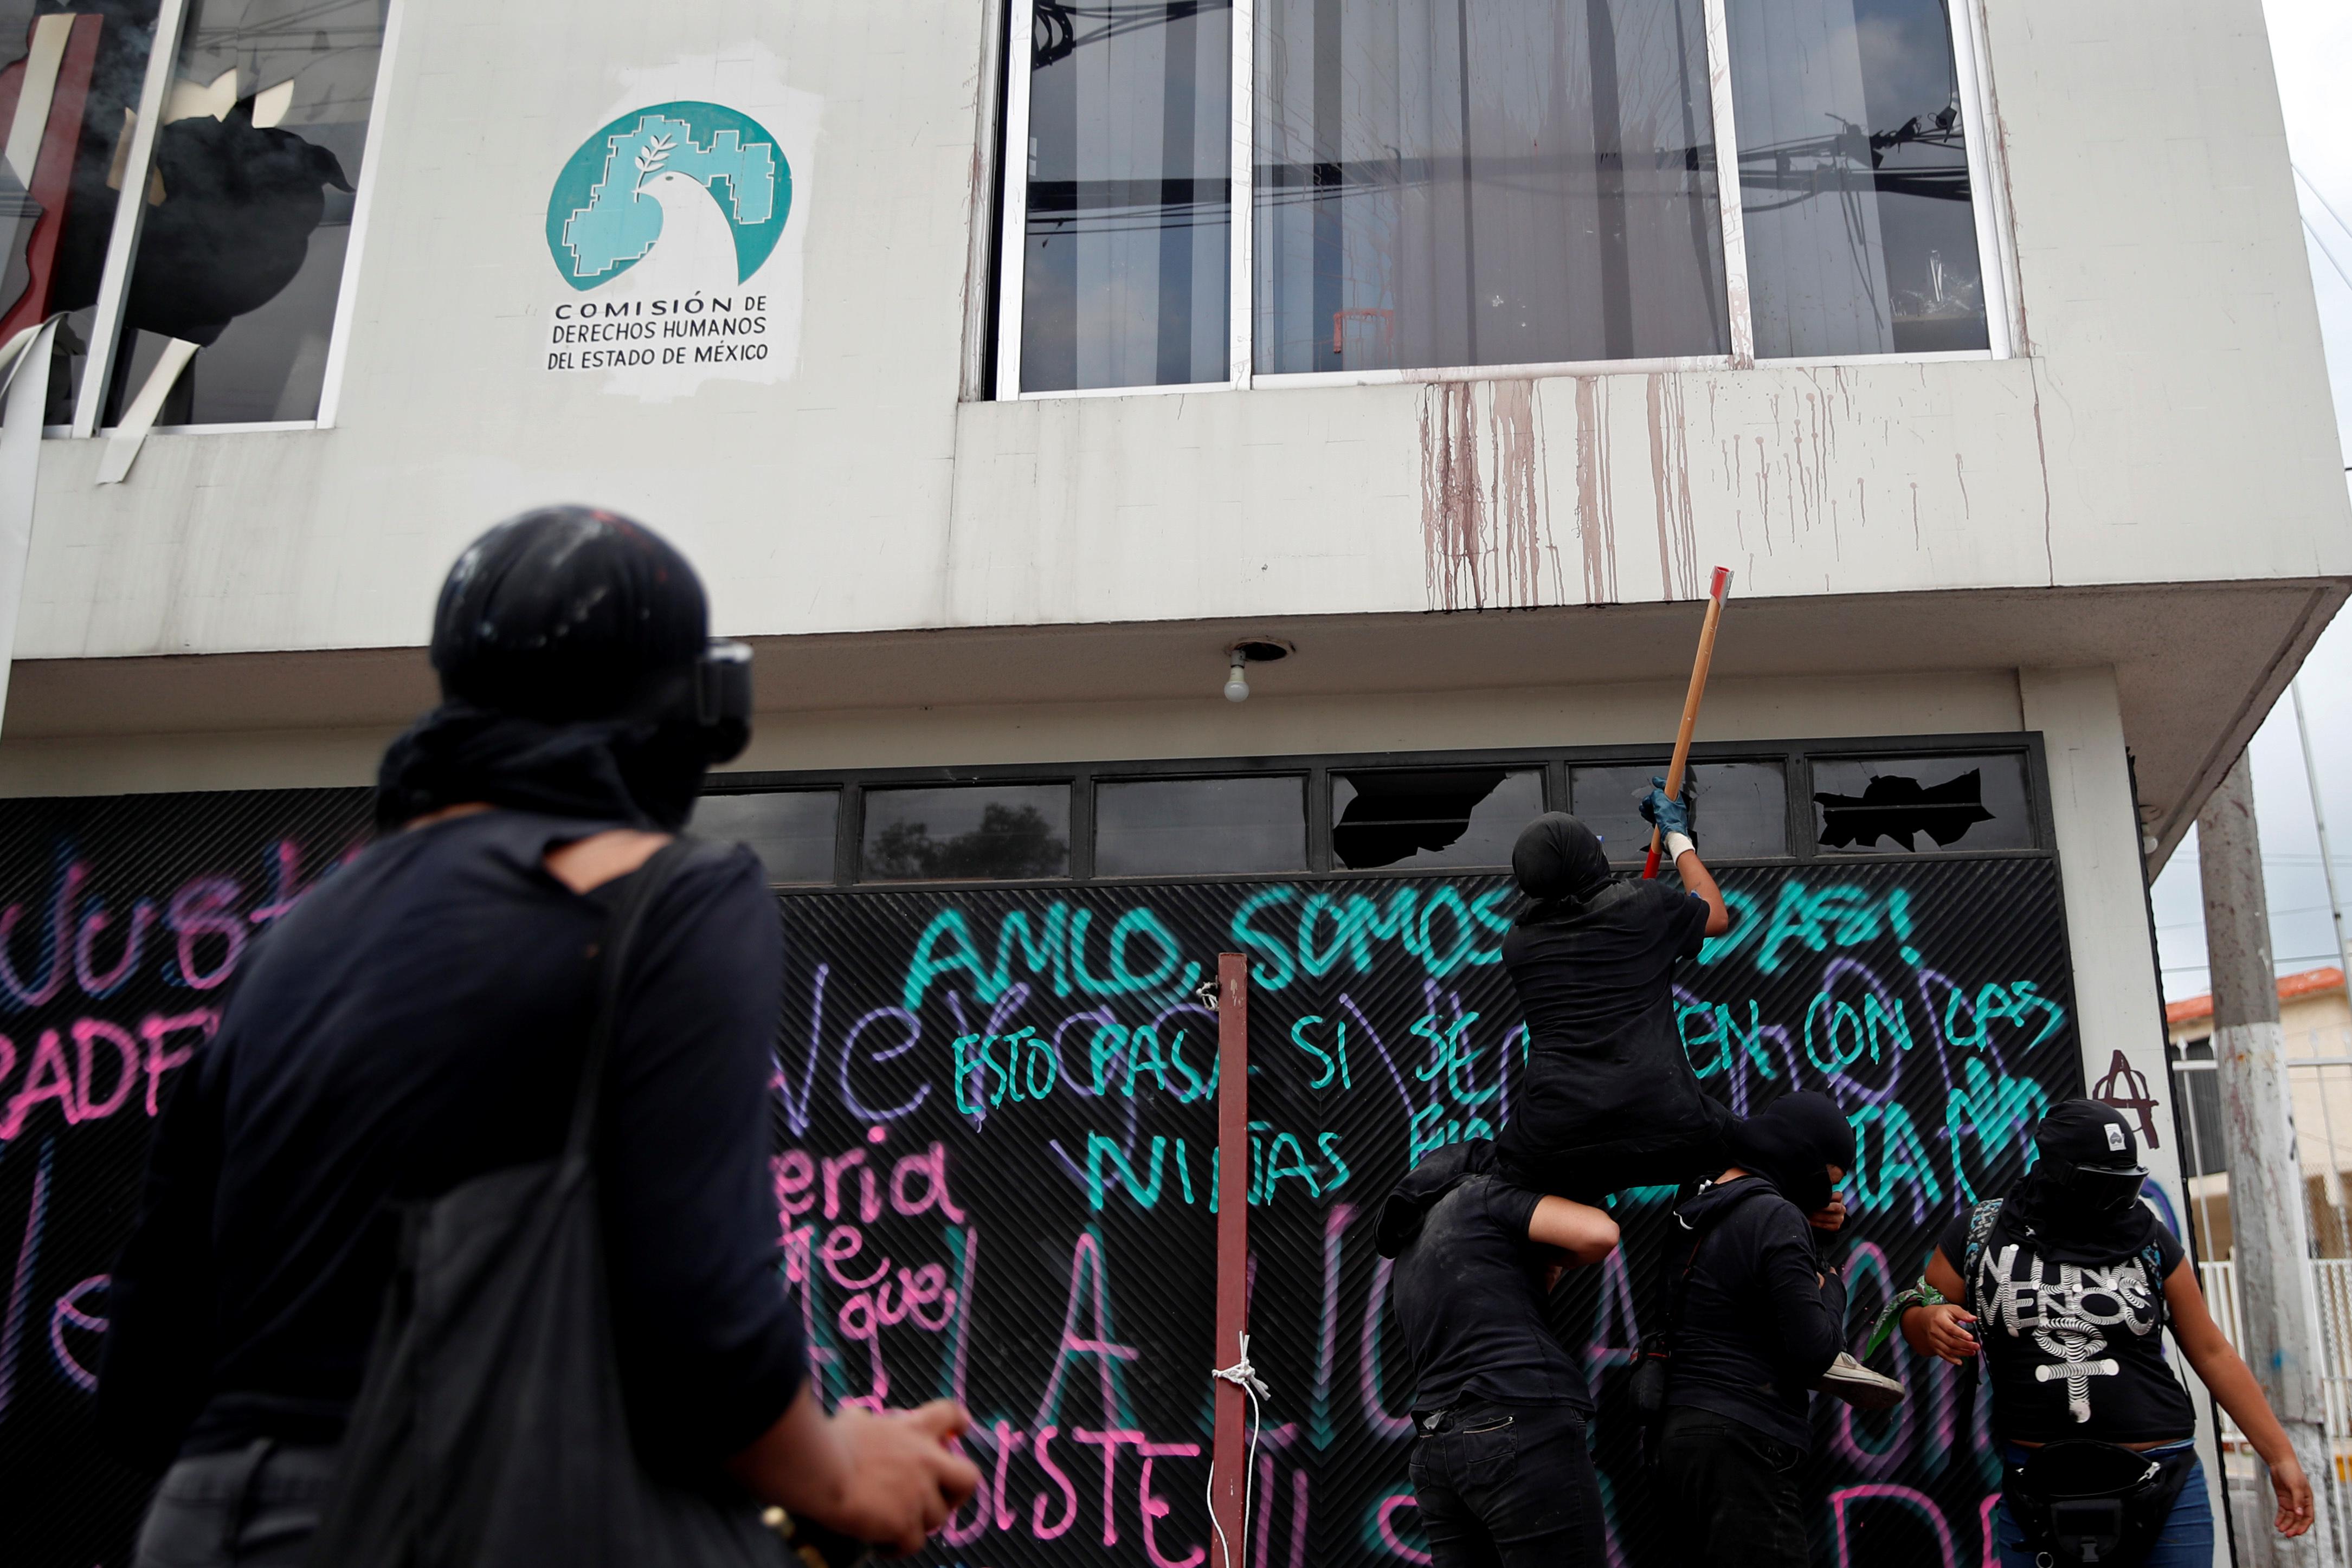 Integrantes de un colectivo feminista vandalizan las instalaciones de la comisión de derechos humanos del estado de México, en apoyo a víctimas de violencia de género, en Ecatepec, Estado de México, México 11 de septiembre de 2020.